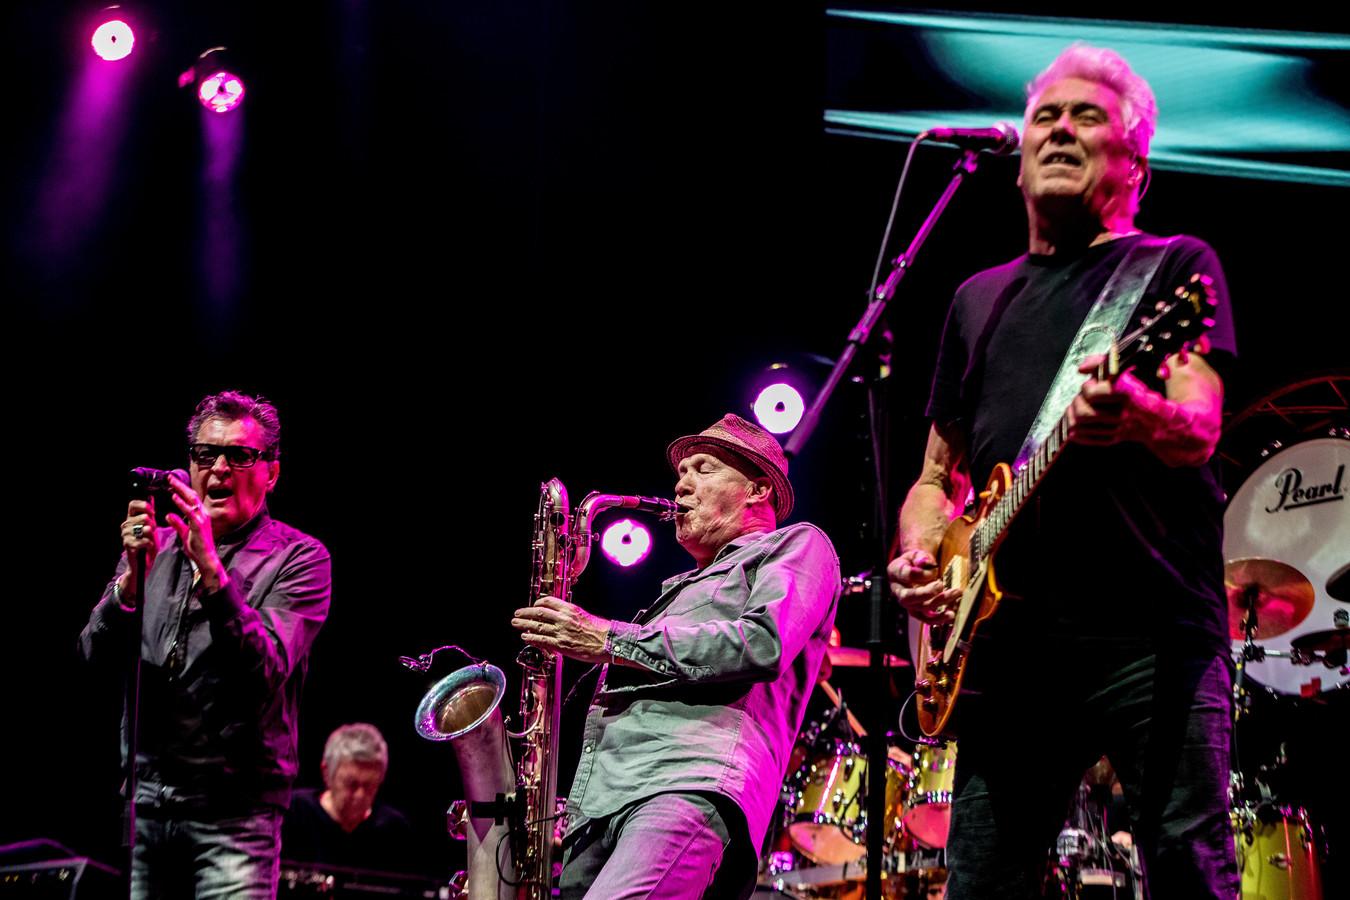 2019-11-16 21:18:38 ROTTERDAM -  Zanger Barry Hay, saxofonist Bertus Borgers en gitarist George Kooymans van de Haagse rockband Golden Earring tijdens hun concert in Ahoy.